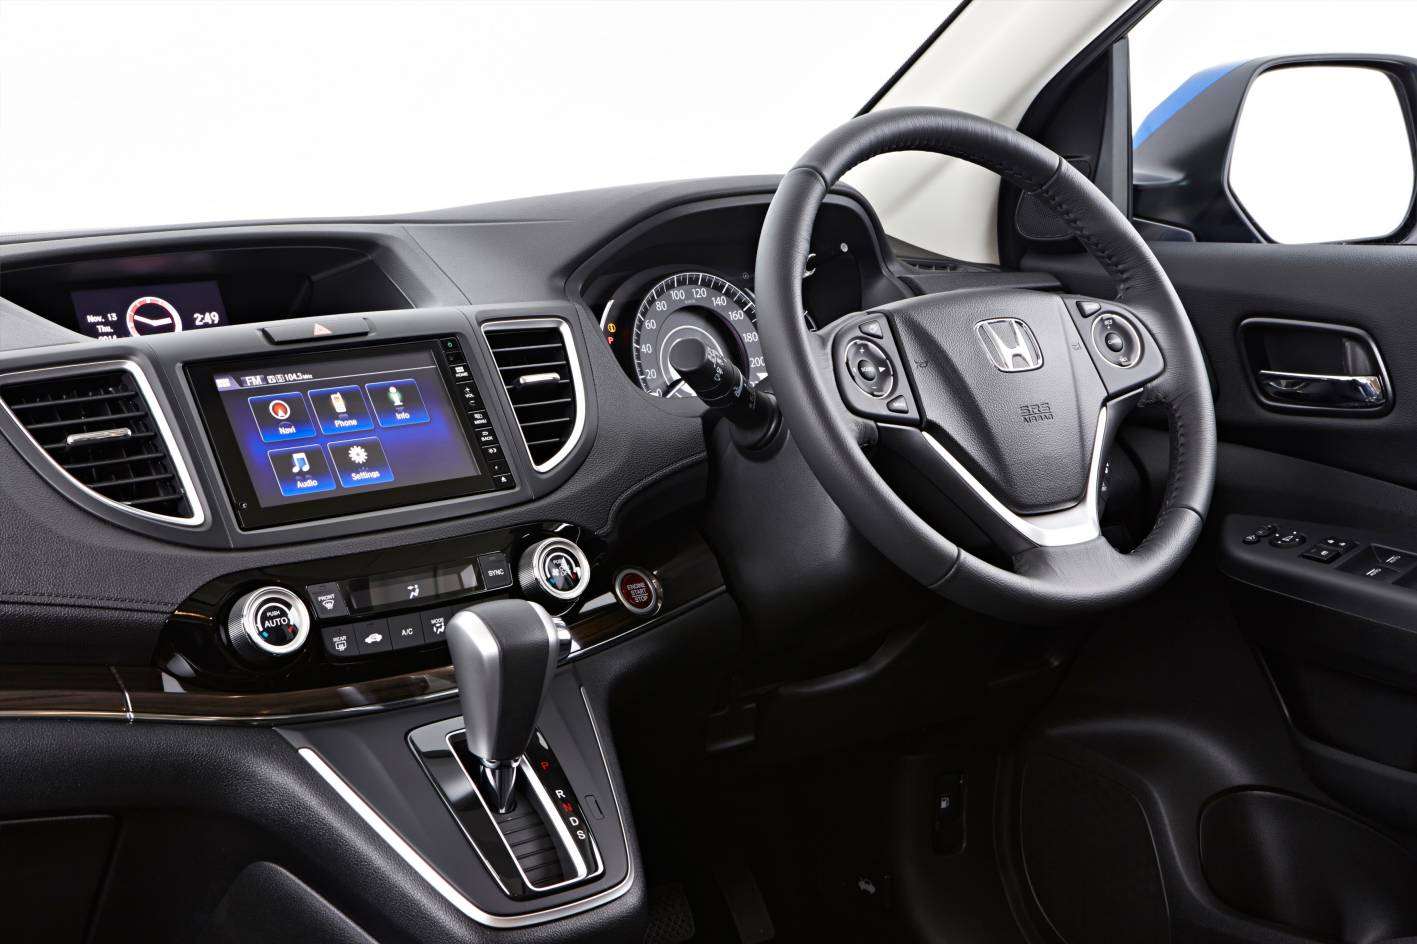 Marvelous 2015 Honda Cr V Series 2 Interior Great Ideas